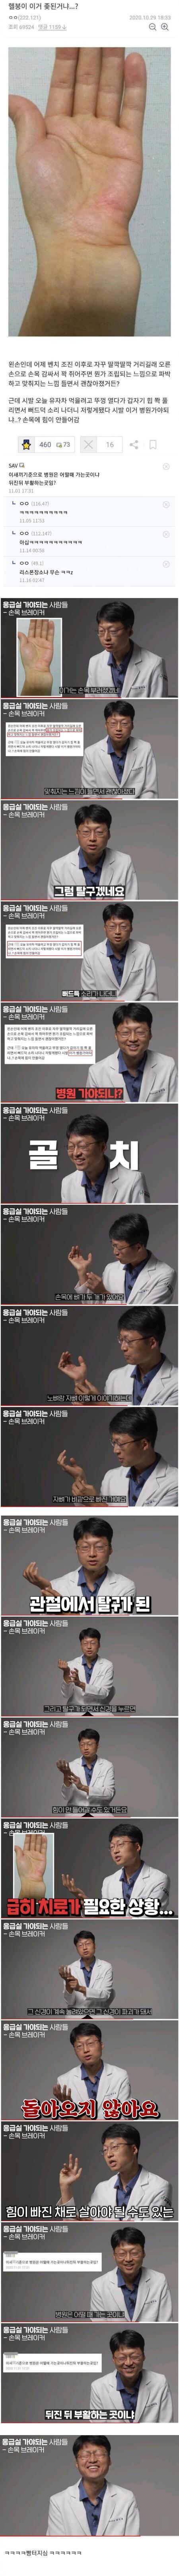 손목빠진사진을본의사